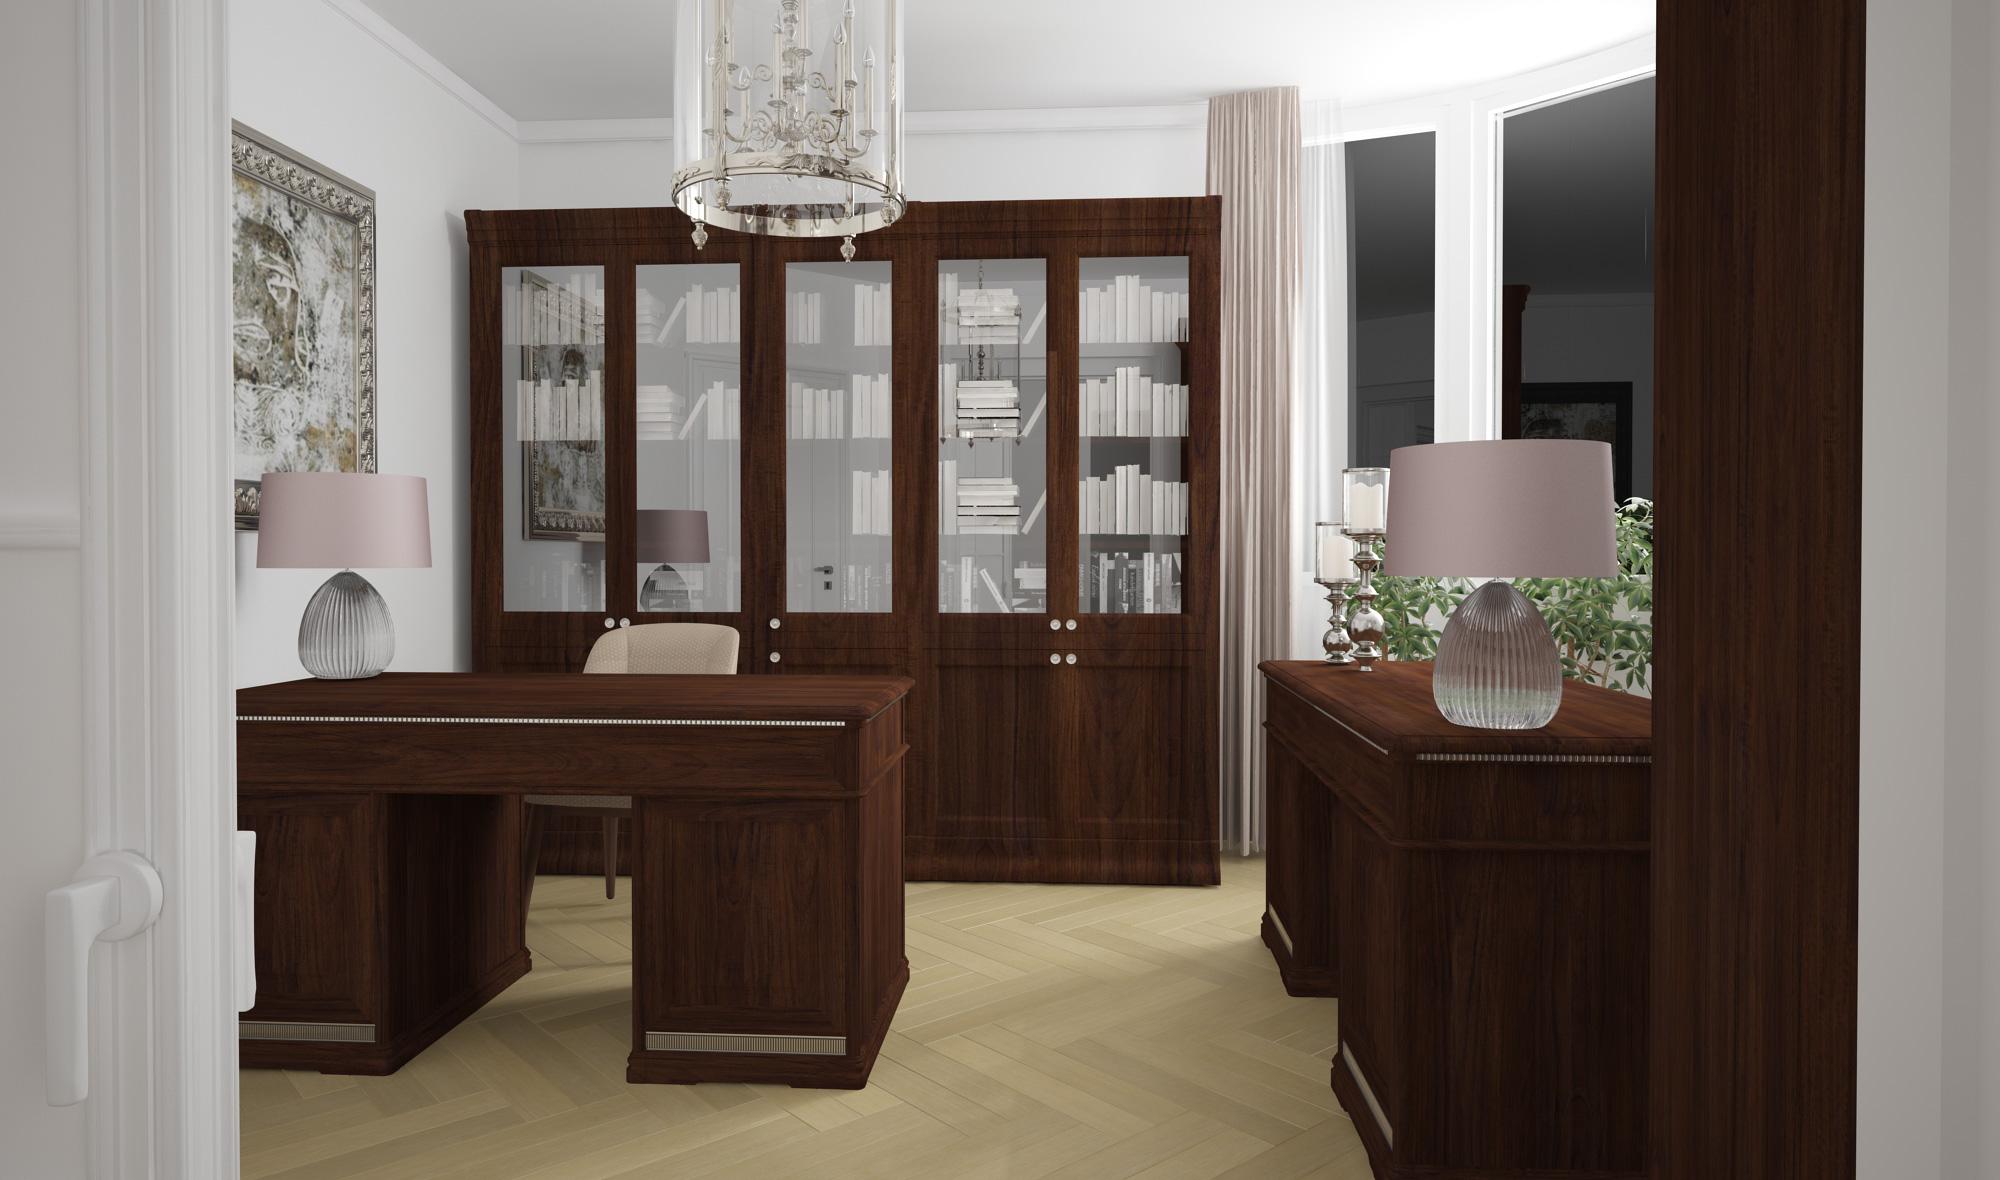 amenajare-interioara-apartament-cm-stil-clasic-7